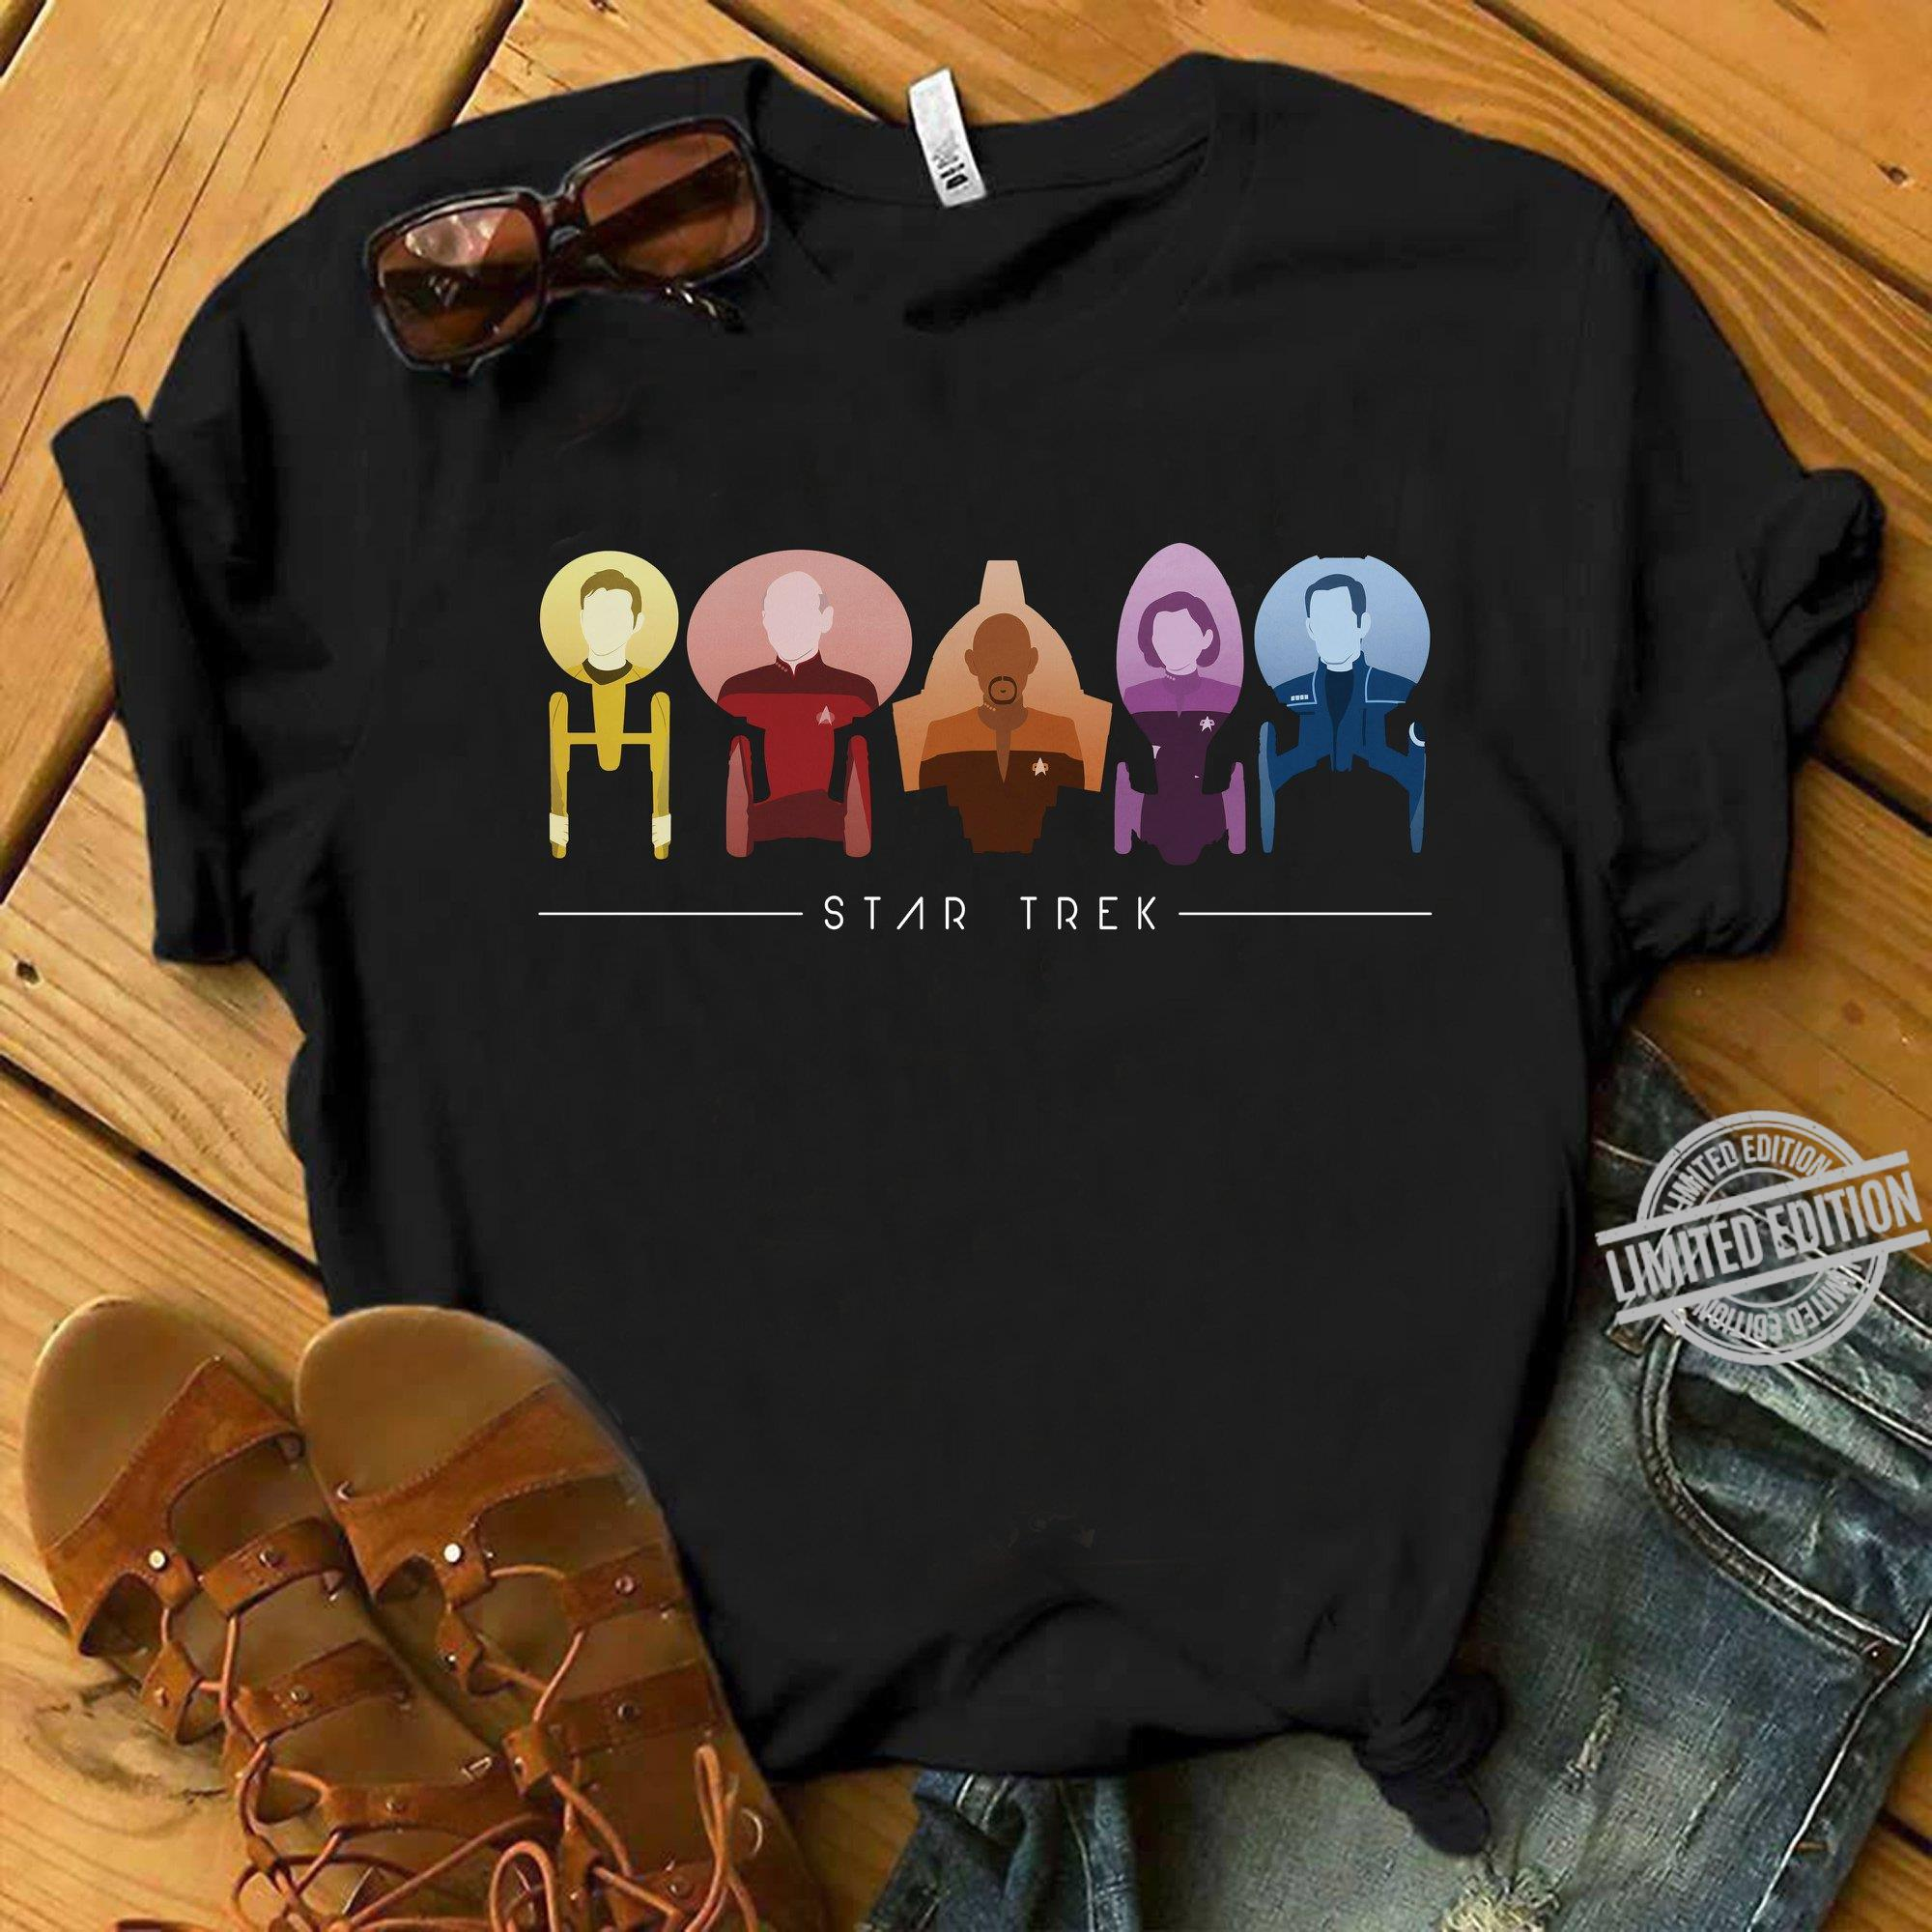 Star Trek Shirt